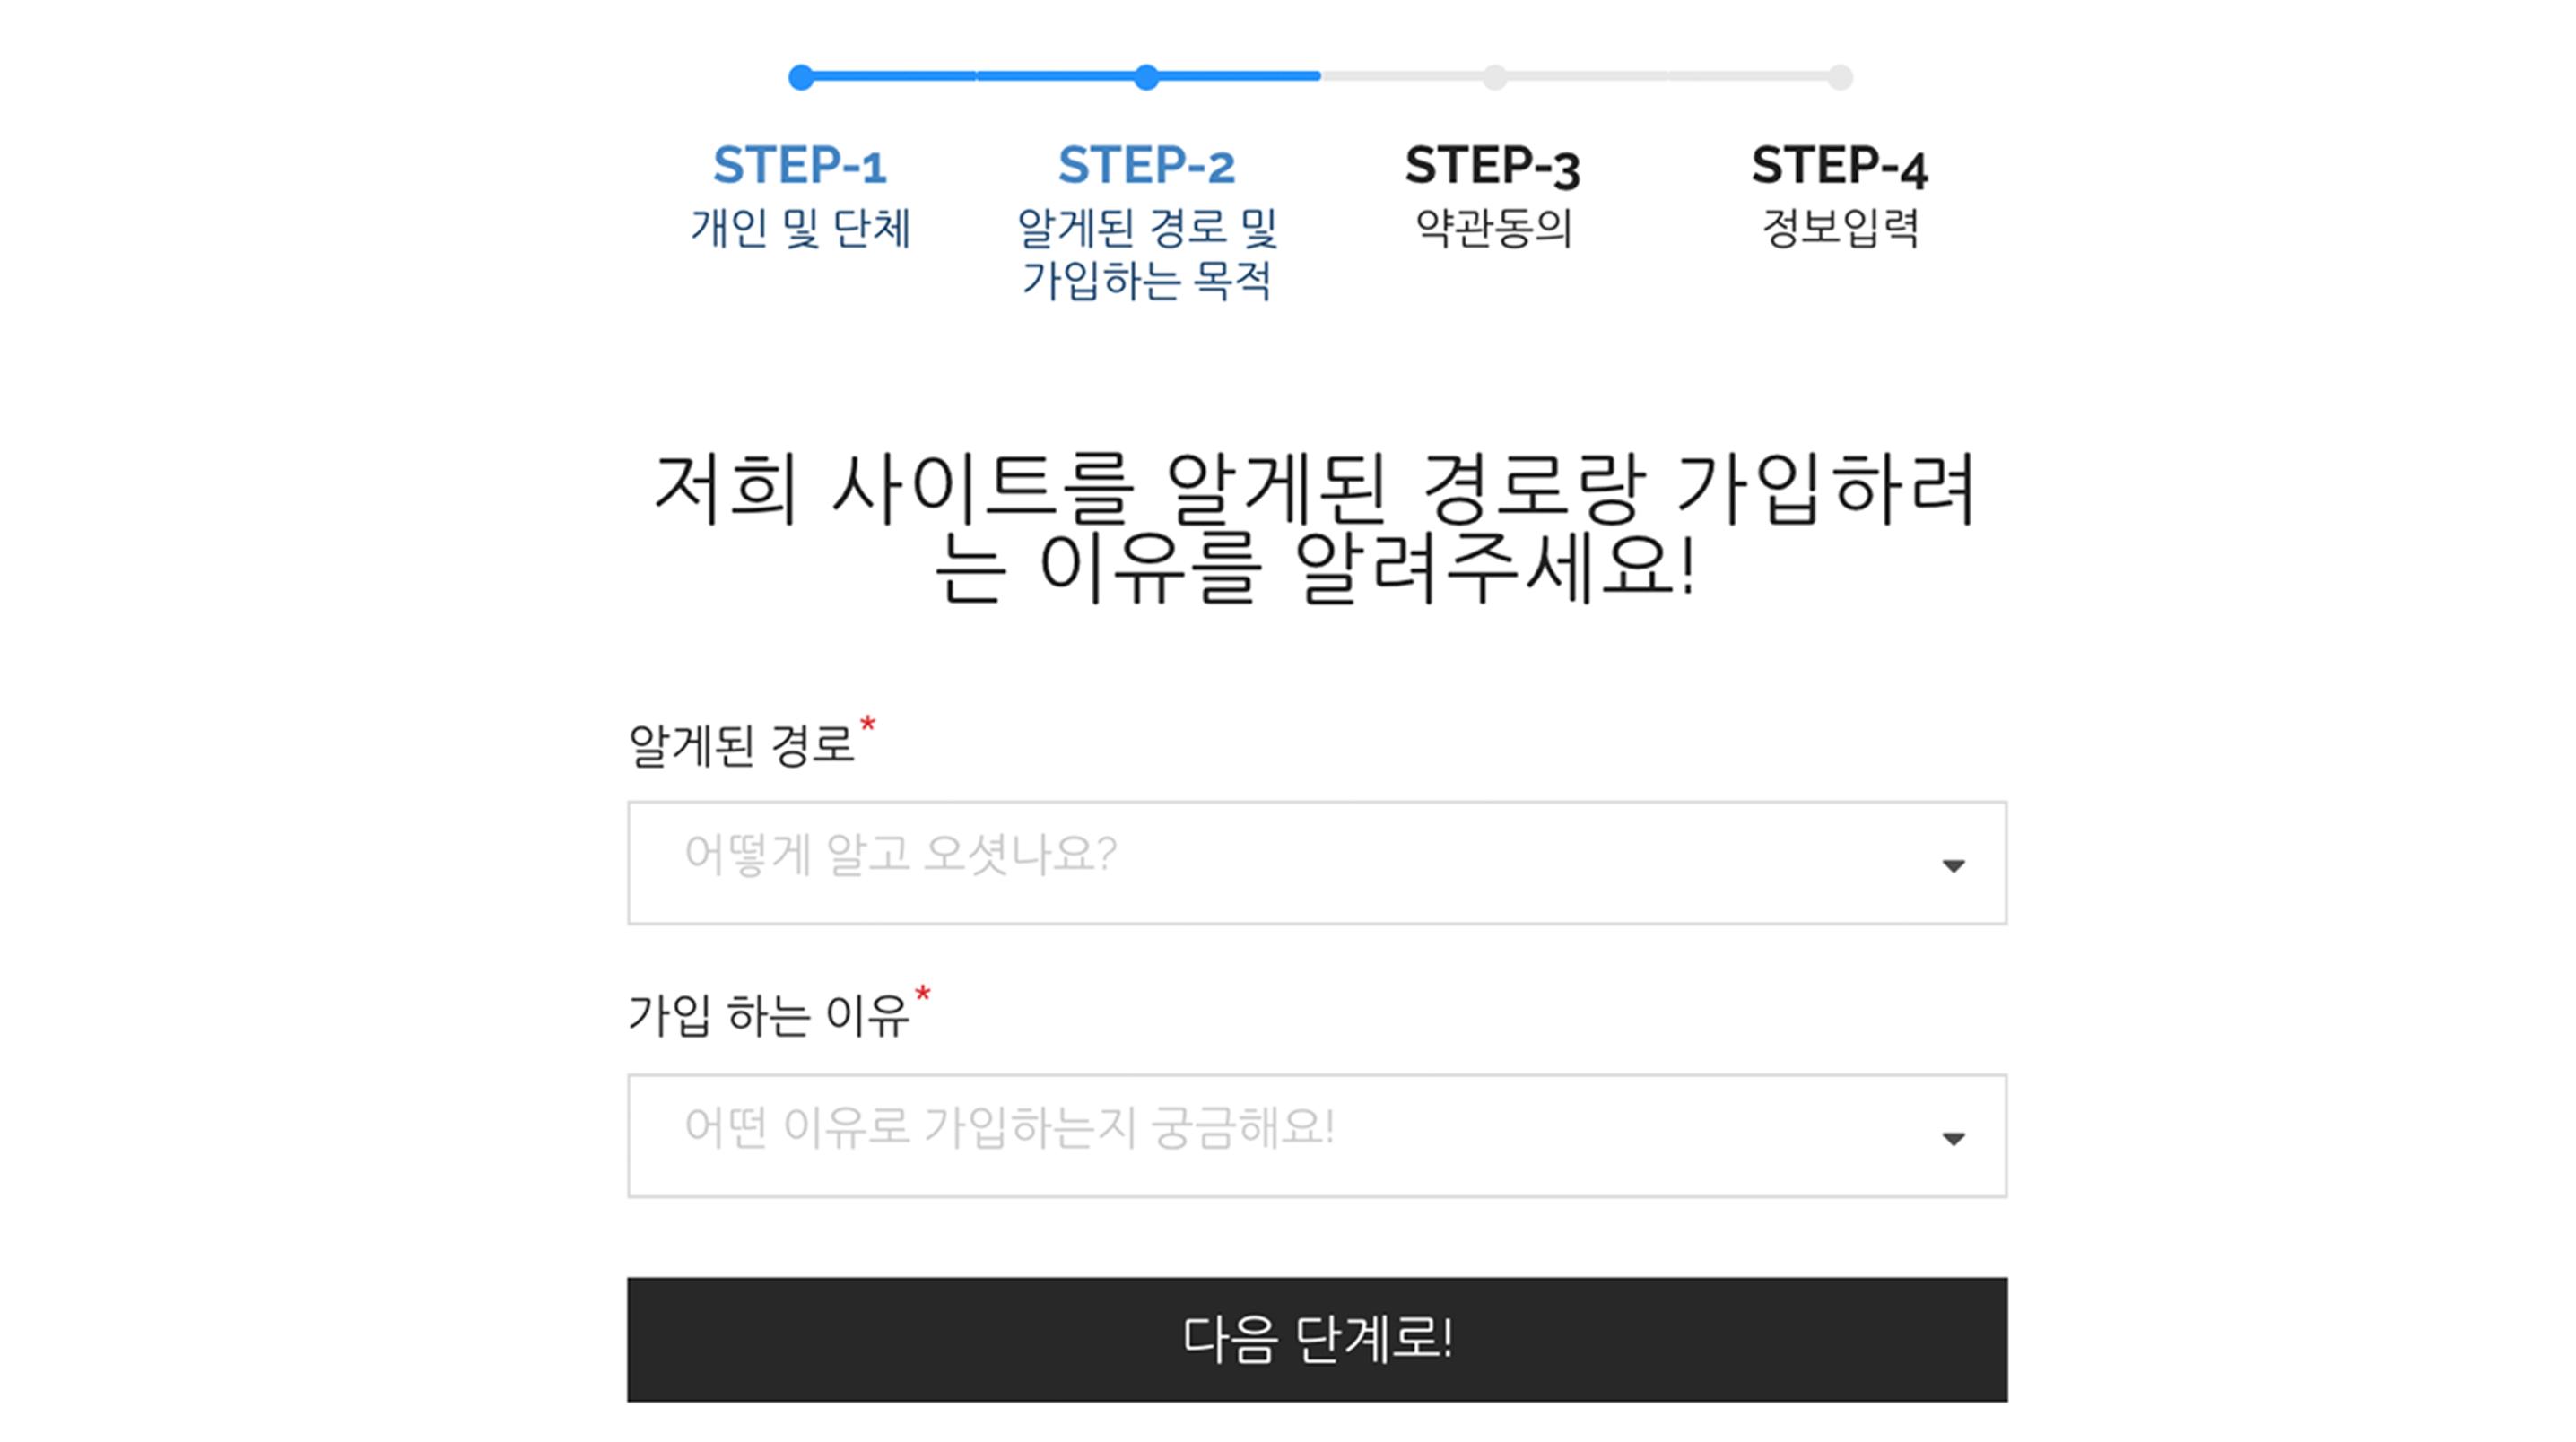 멤버스 플러그인 회원가입 C 페이지